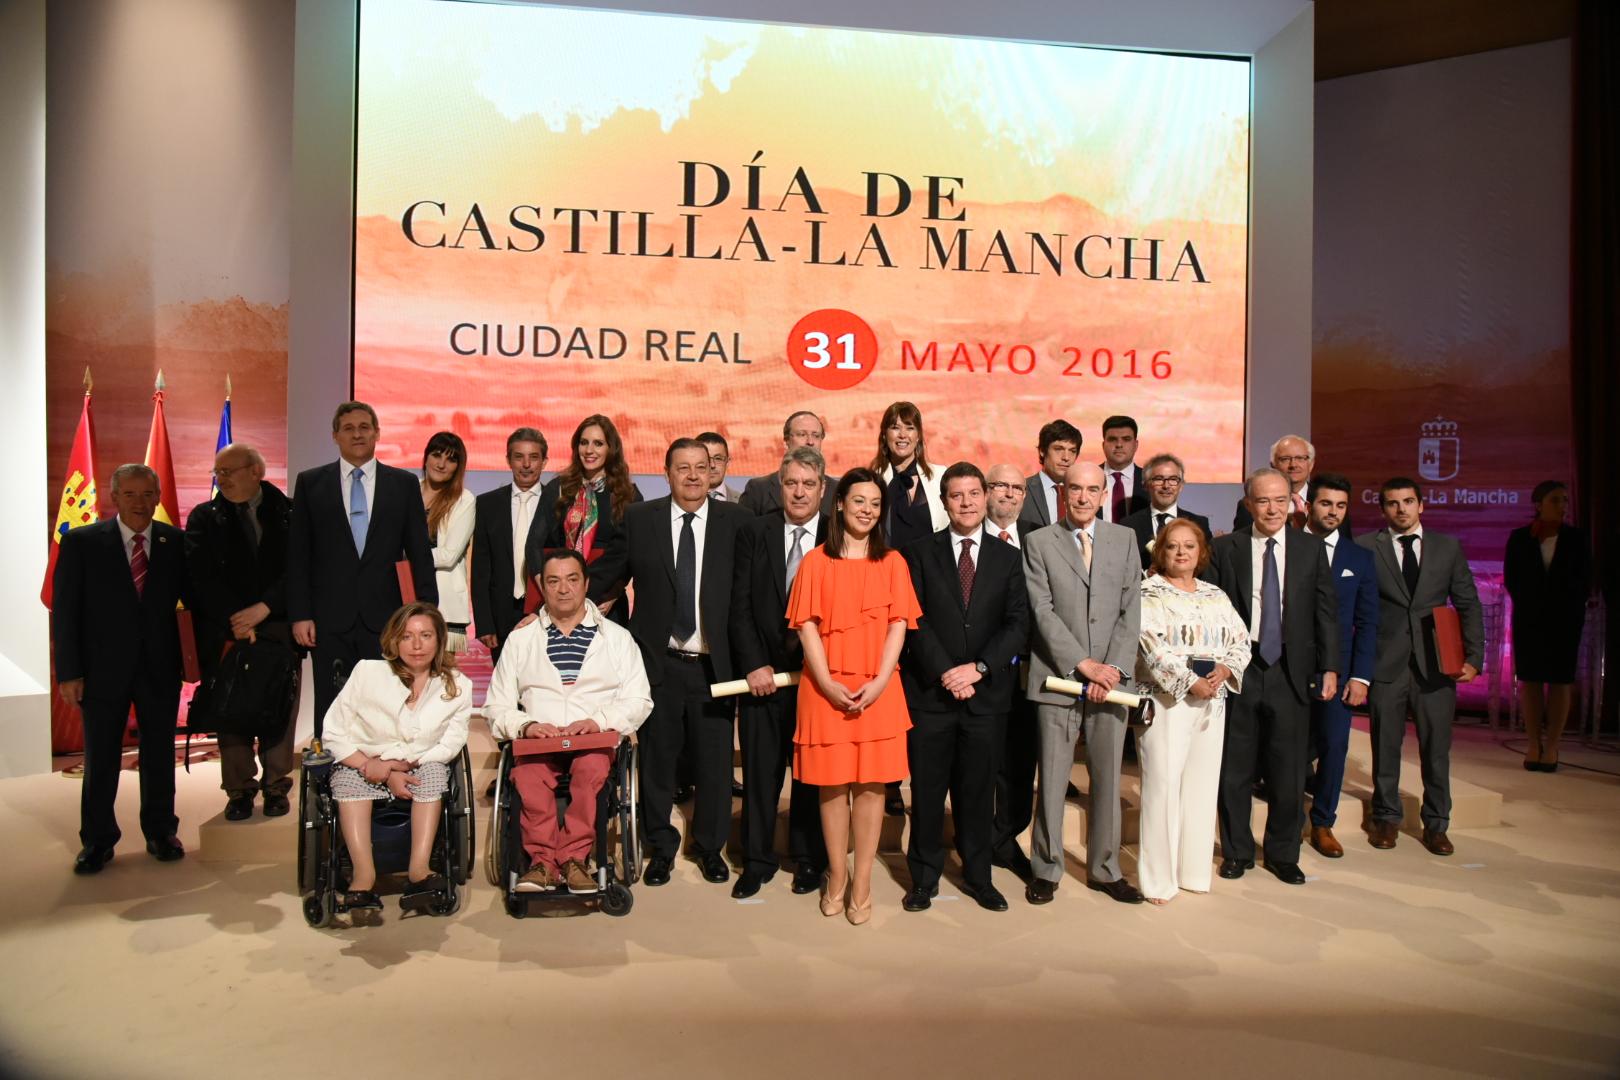 García-Page reclama unidad a las fuerzas políticas para elaborar un nuevo Estatuto de Autonomía y un mejor sistema de financiación autonómica